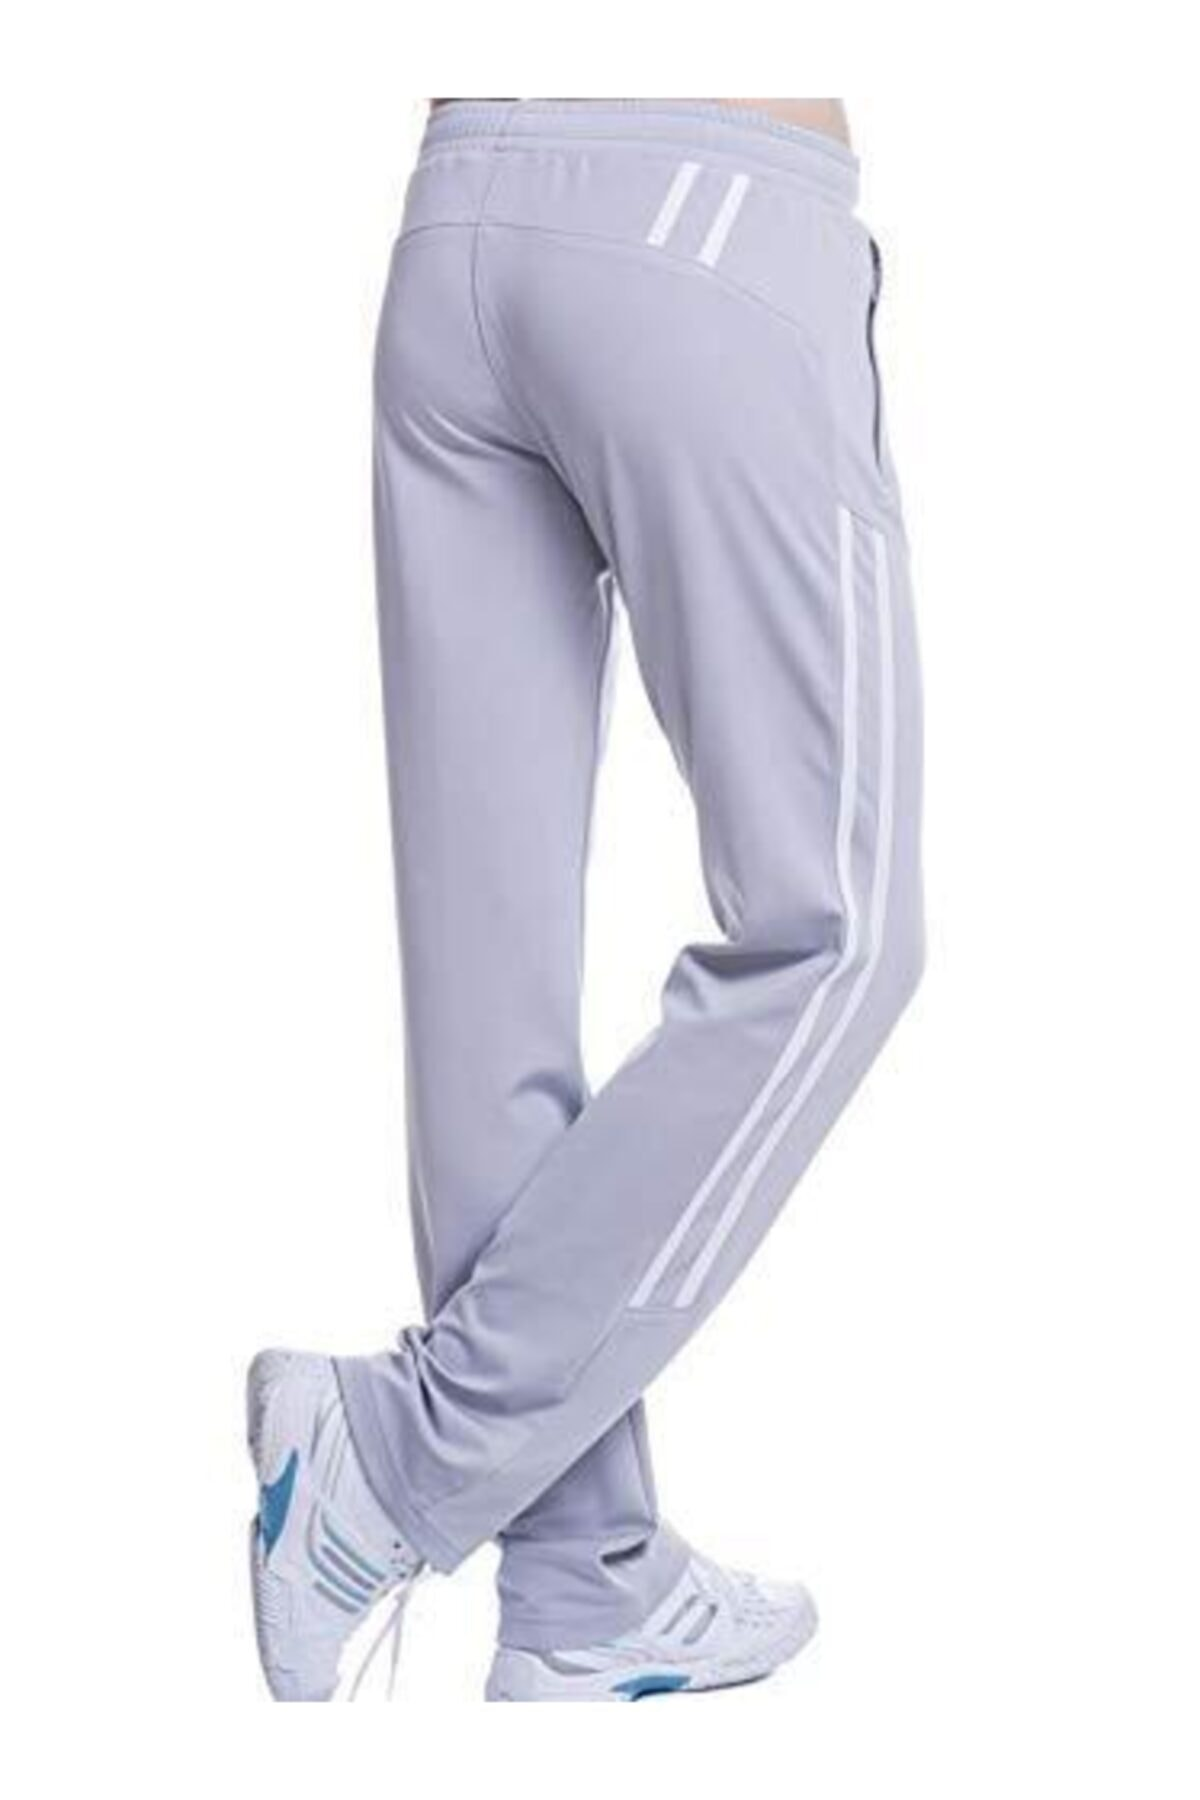 Crozwise Kadın Spor Günlük Pantolon 1